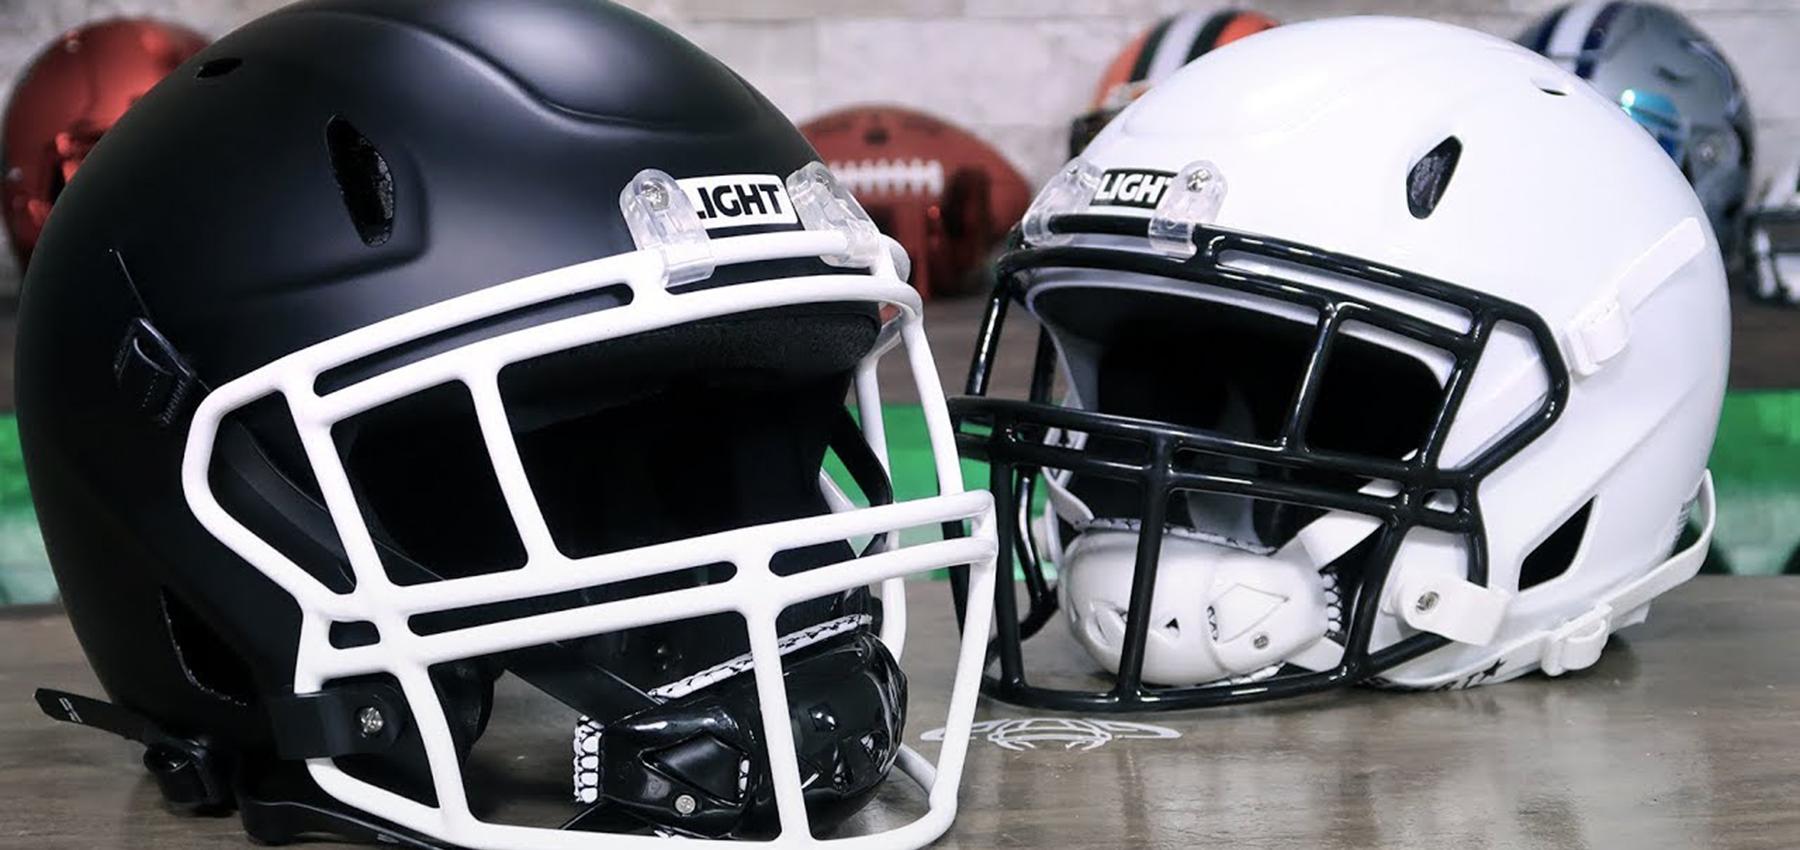 Light Helmets